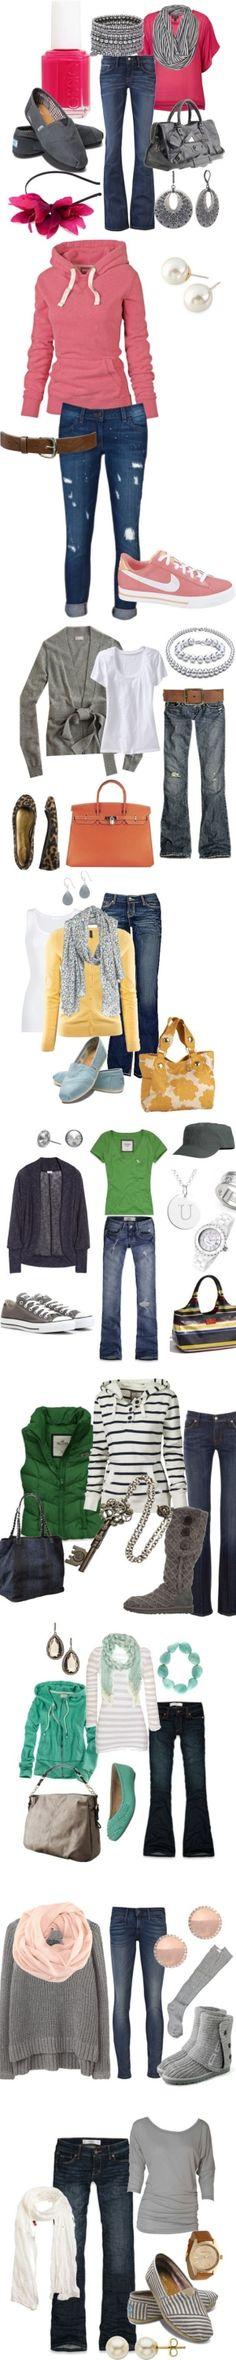 Fun Ideas for Clothes Combos